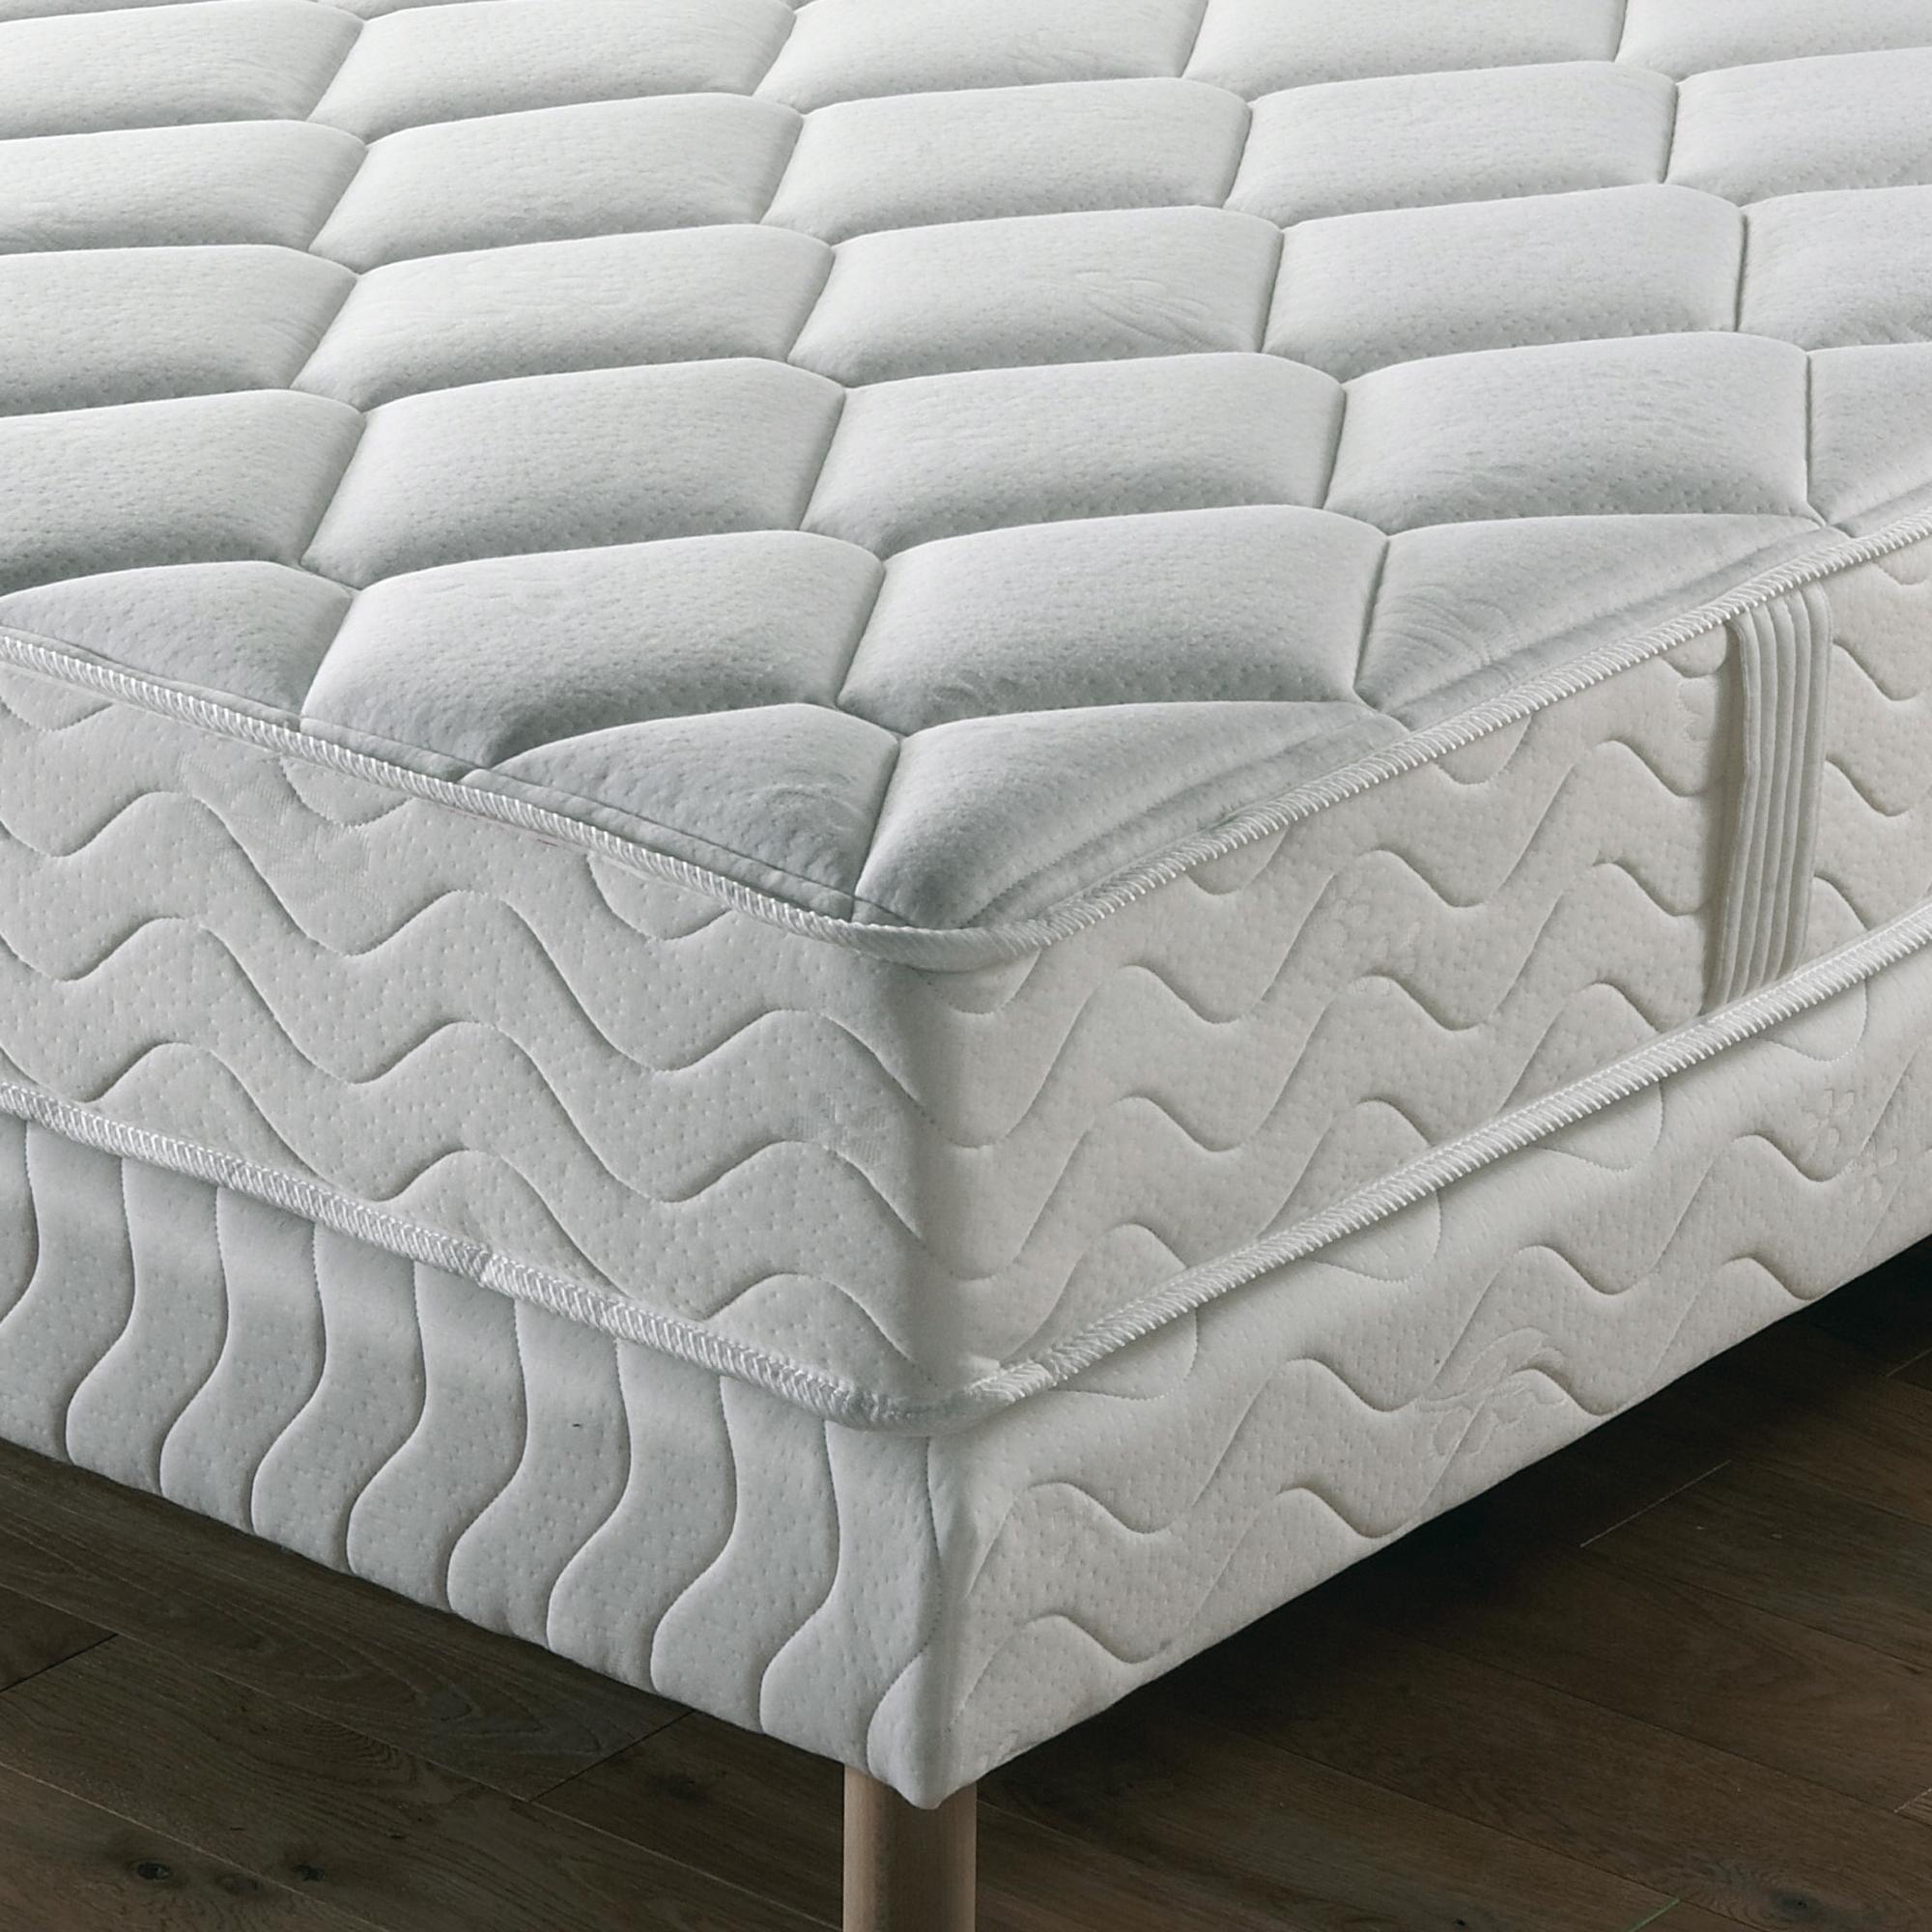 matelas latex ferme lombadorsal 90 x 190 anniversaire 40 ans acheter ce produit au. Black Bedroom Furniture Sets. Home Design Ideas